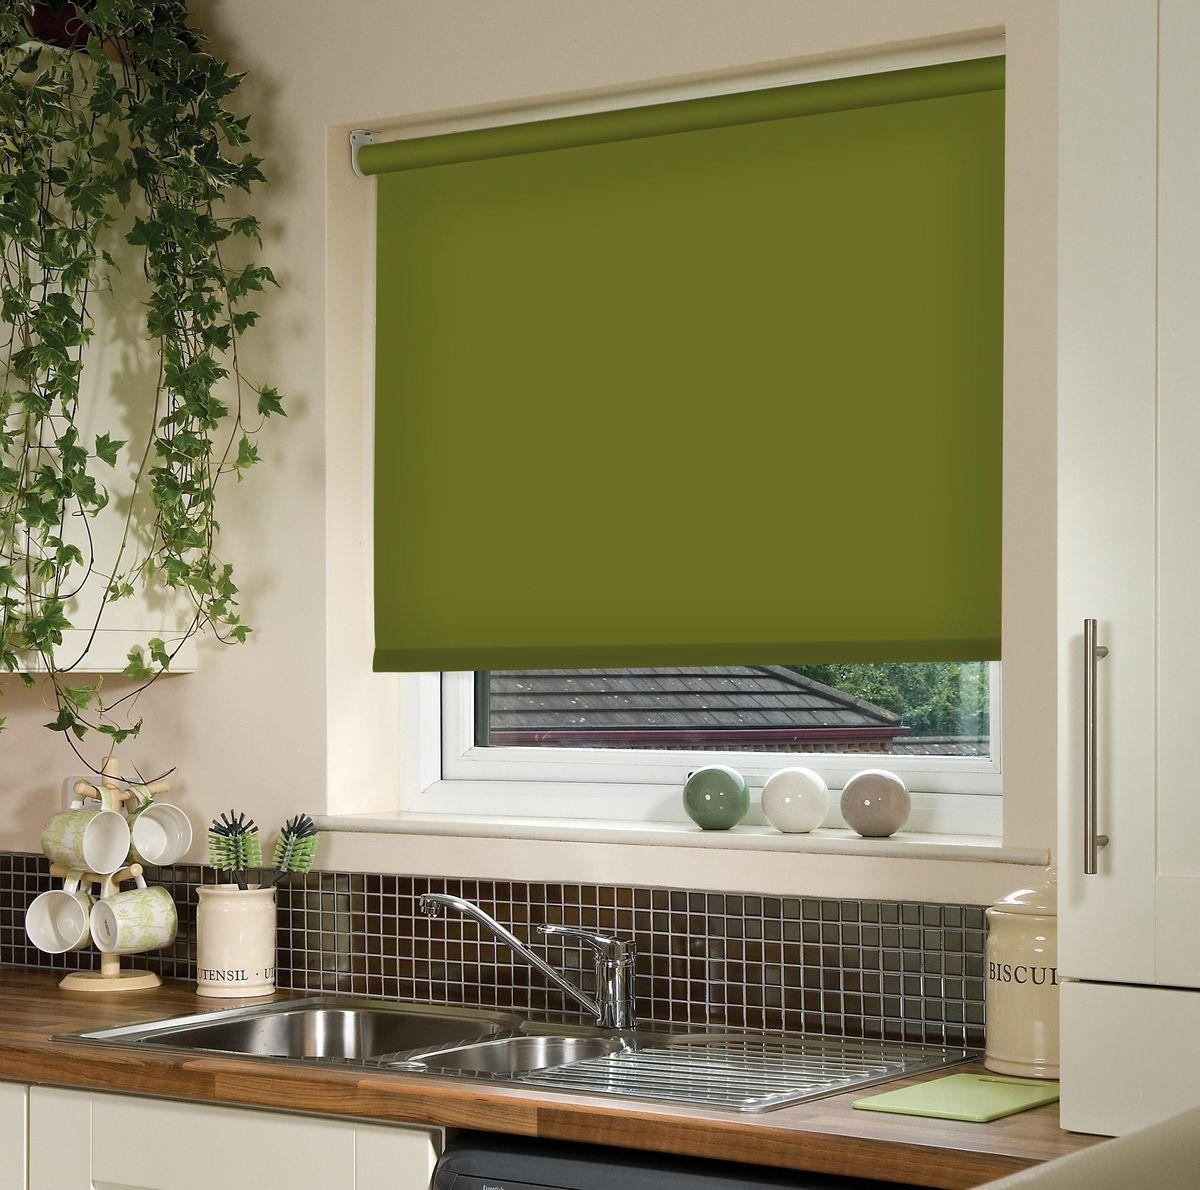 Штора рулонная Эскар, цвет: темно-оливковый, ширина 210 см, высота 170 см81018210170Рулонными шторами можно оформлять окна как самостоятельно, так и использовать в комбинации с портьерами. Это поможет предотвратить выгорание дорогой ткани на солнце и соединит функционал рулонных с красотой навесных. Преимущества применения рулонных штор для пластиковых окон: - имеют прекрасный внешний вид: многообразие и фактурность материала изделия отлично смотрятся в любом интерьере; - многофункциональны: есть возможность подобрать шторы способные эффективно защитить комнату от солнца, при этом она не будет слишком темной. - Есть возможность осуществить быстрый монтаж. ВНИМАНИЕ! Размеры ширины изделия указаны по ширине ткани! Во время эксплуатации не рекомендуется полностью разматывать рулон, чтобы не оторвать ткань от намоточного вала. В случае загрязнения поверхности ткани, чистку шторы проводят одним из способов, в зависимости от типа загрязнения: легкое поверхностное загрязнение можно удалить при помощи канцелярского ластика; чистка от пыли производится сухим методом при...